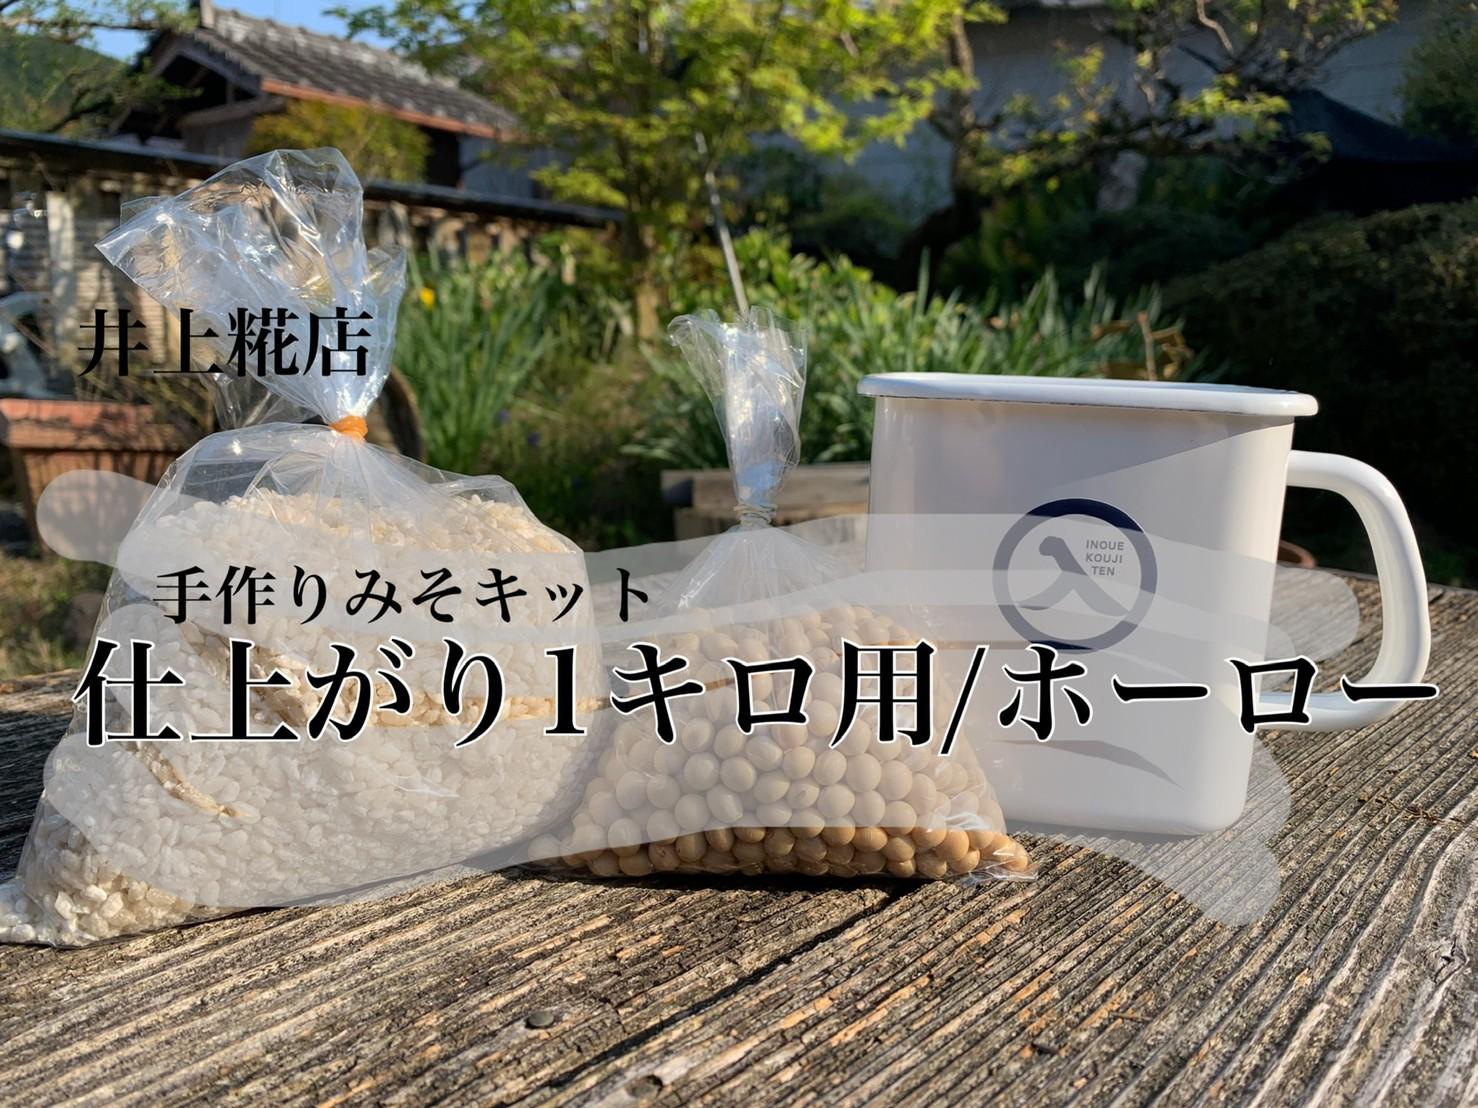 手作り味噌キット 仕上がり1キロの仕込み方動画(琺瑯容器つき)